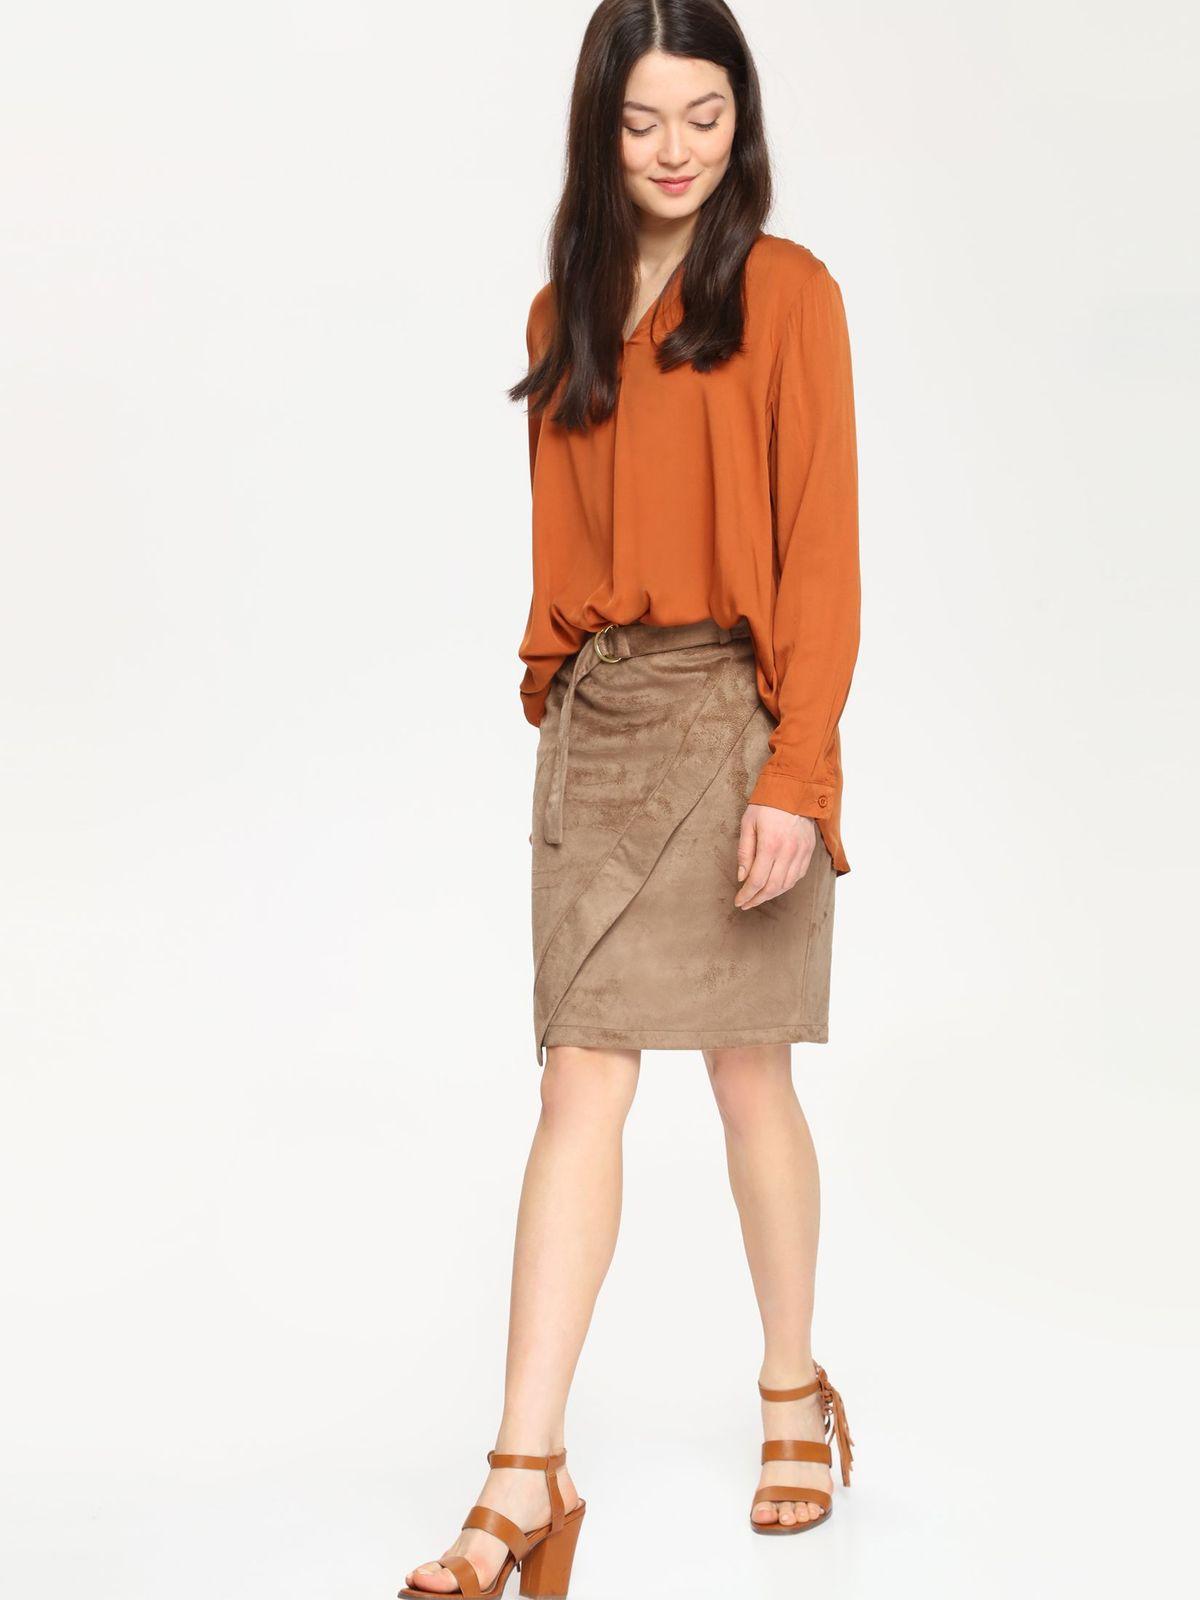 Γυναικεία   Ρούχα   Φούστες   Καθημερινές   Φούστα κολλητή κοντή ... 880dee71423